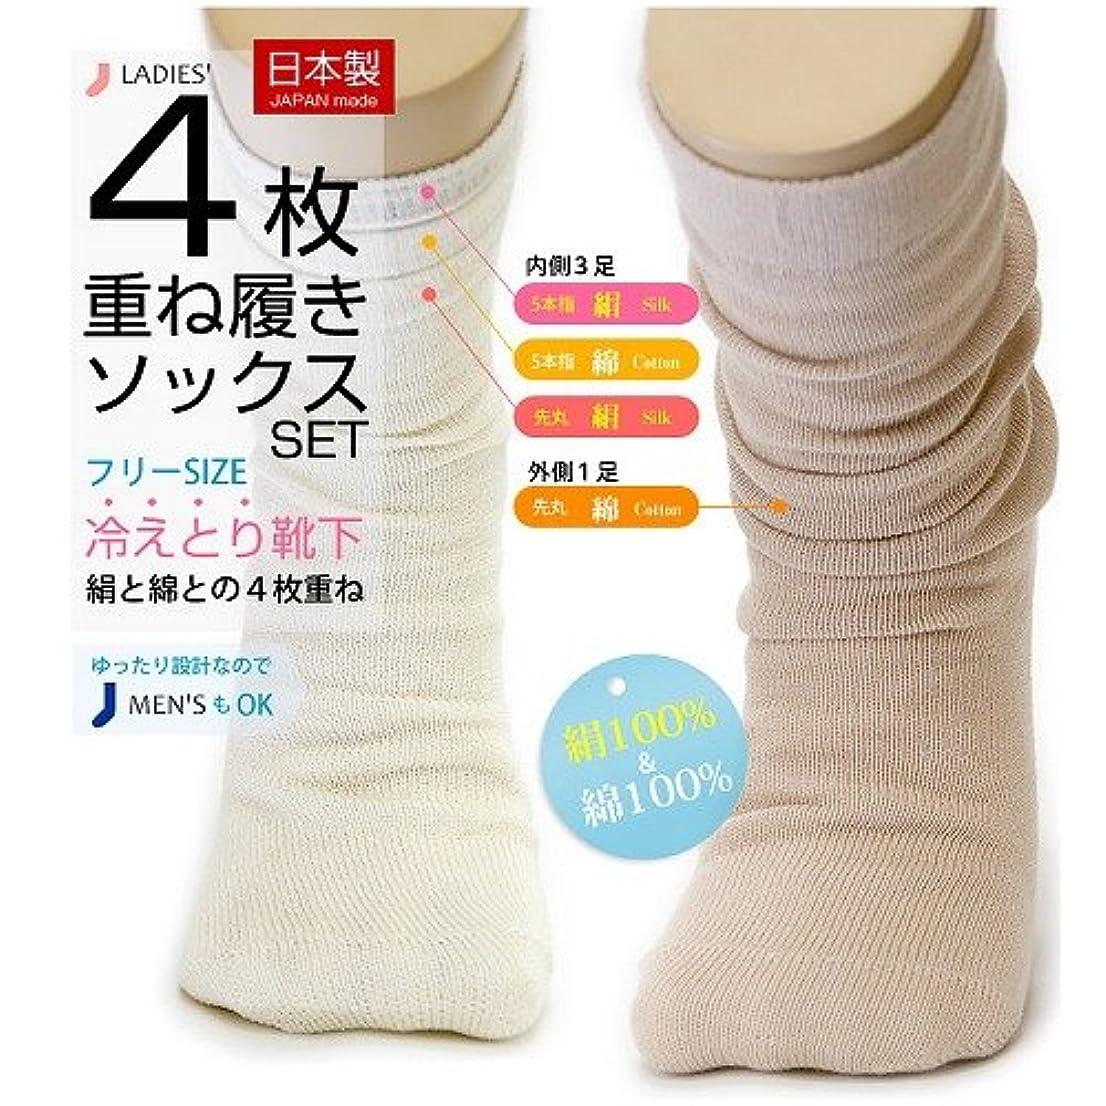 自体講師ヒギンズ冷え取り靴下 綿100%とシルク100% 最高級の日本製 4枚重ねばきセット(外側ライトグレー)